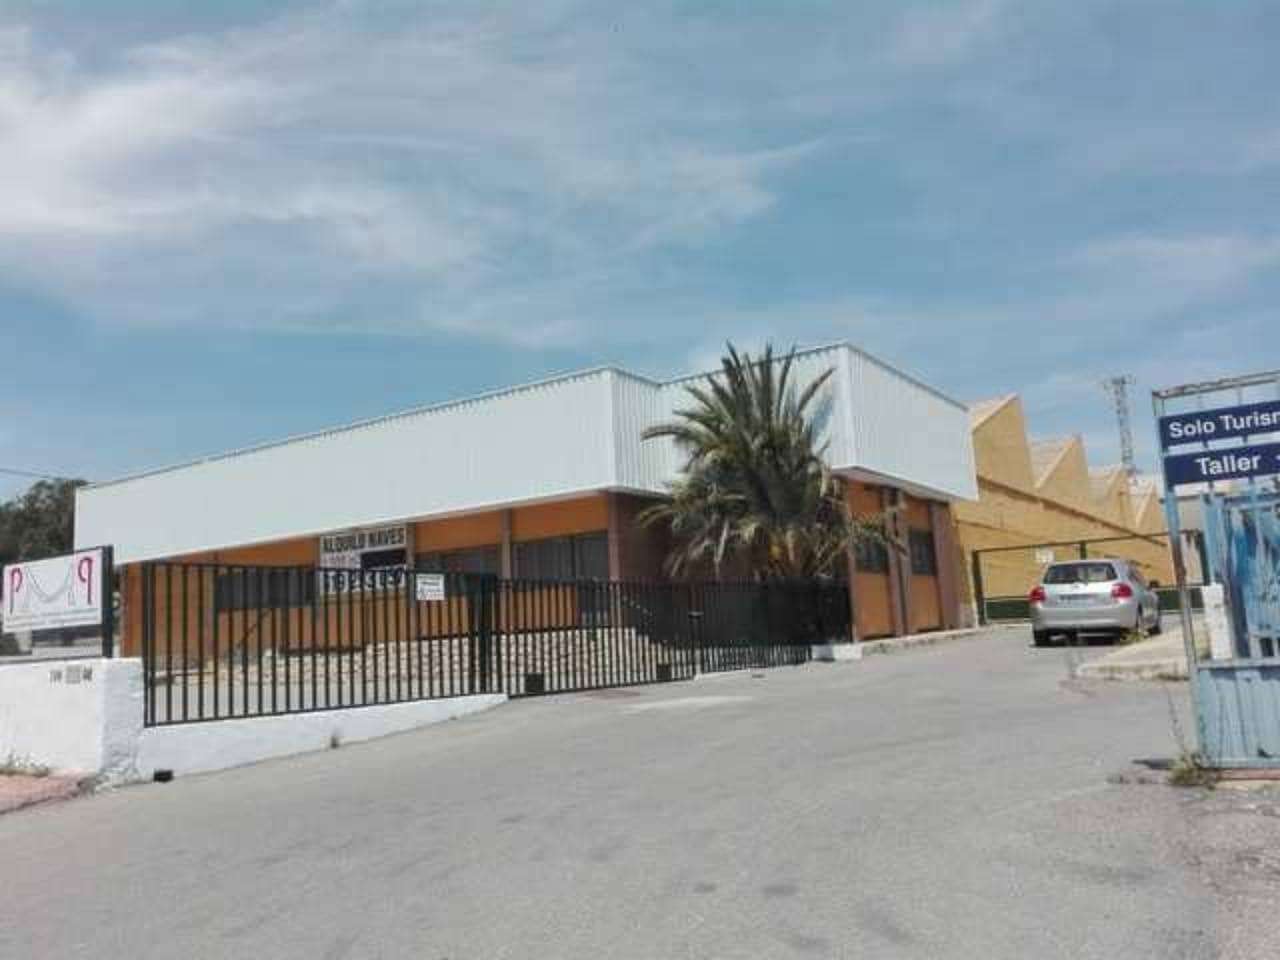 Biznes do wynajęcia w El Bacarot z garażem - 3 000 € (Ref: 5439919)